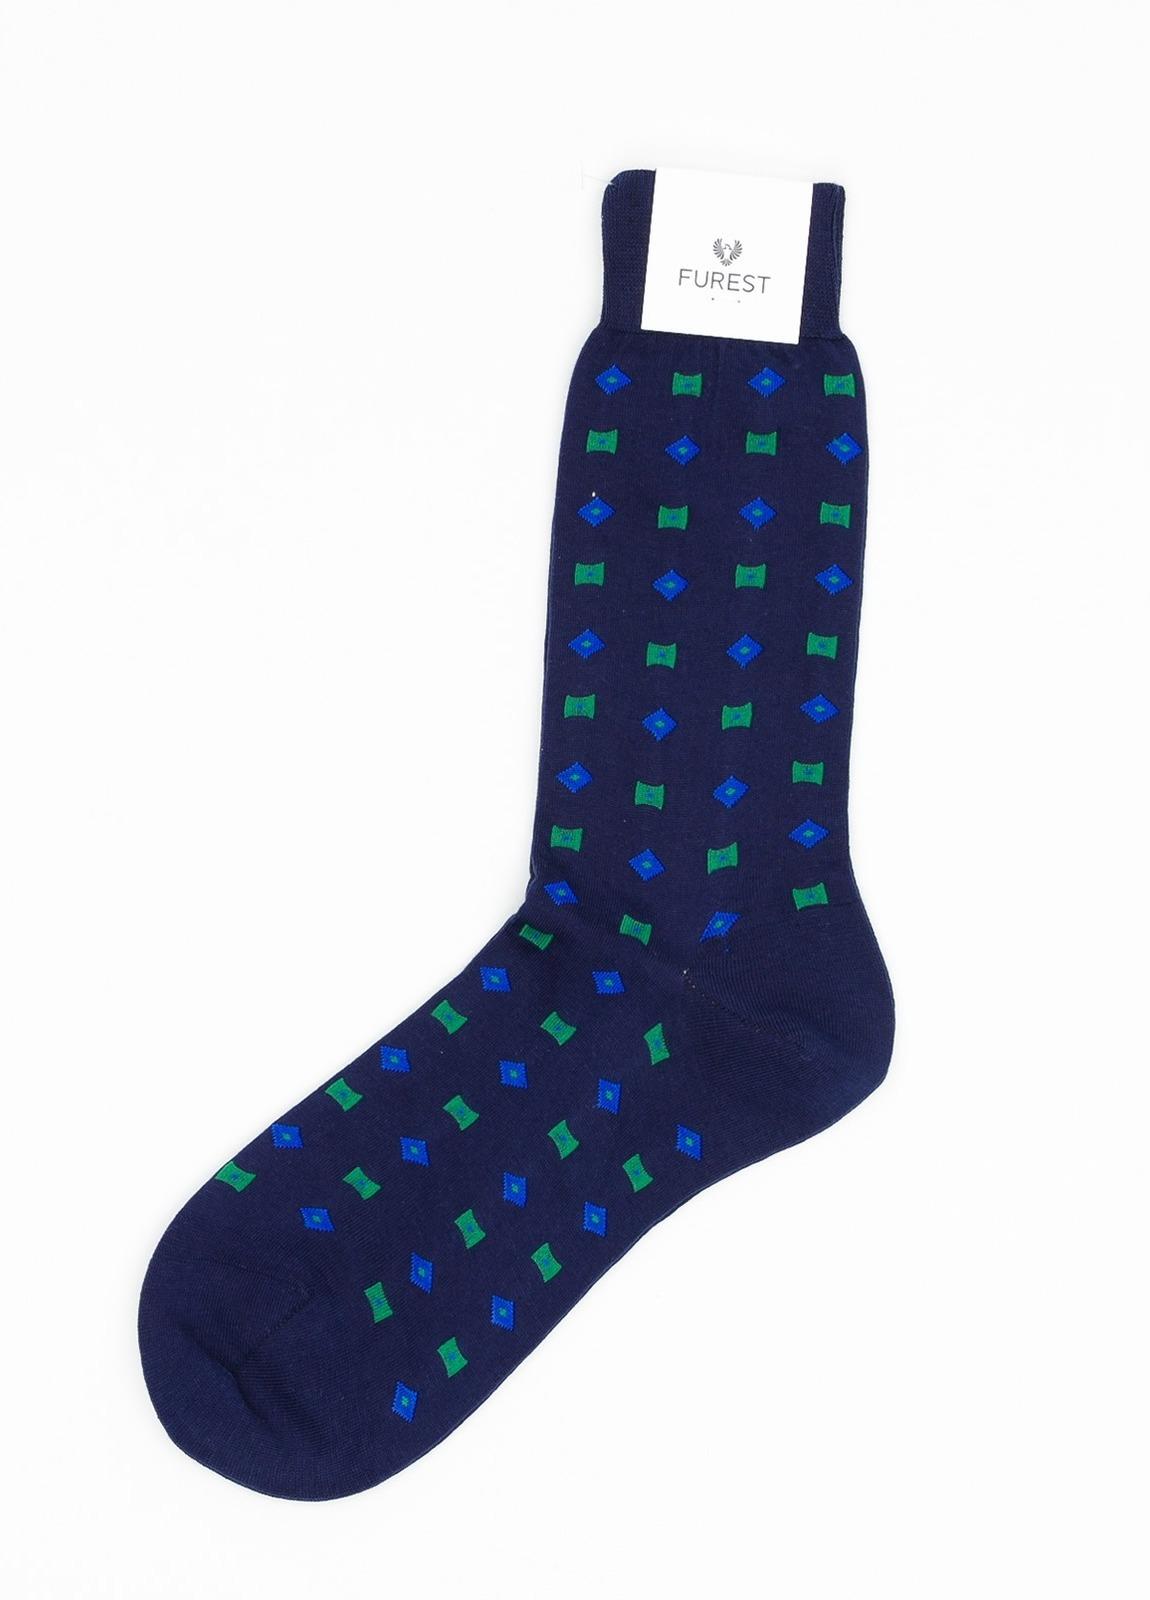 Calcetín corto, estampado fantasía color azul, 100% algodón.